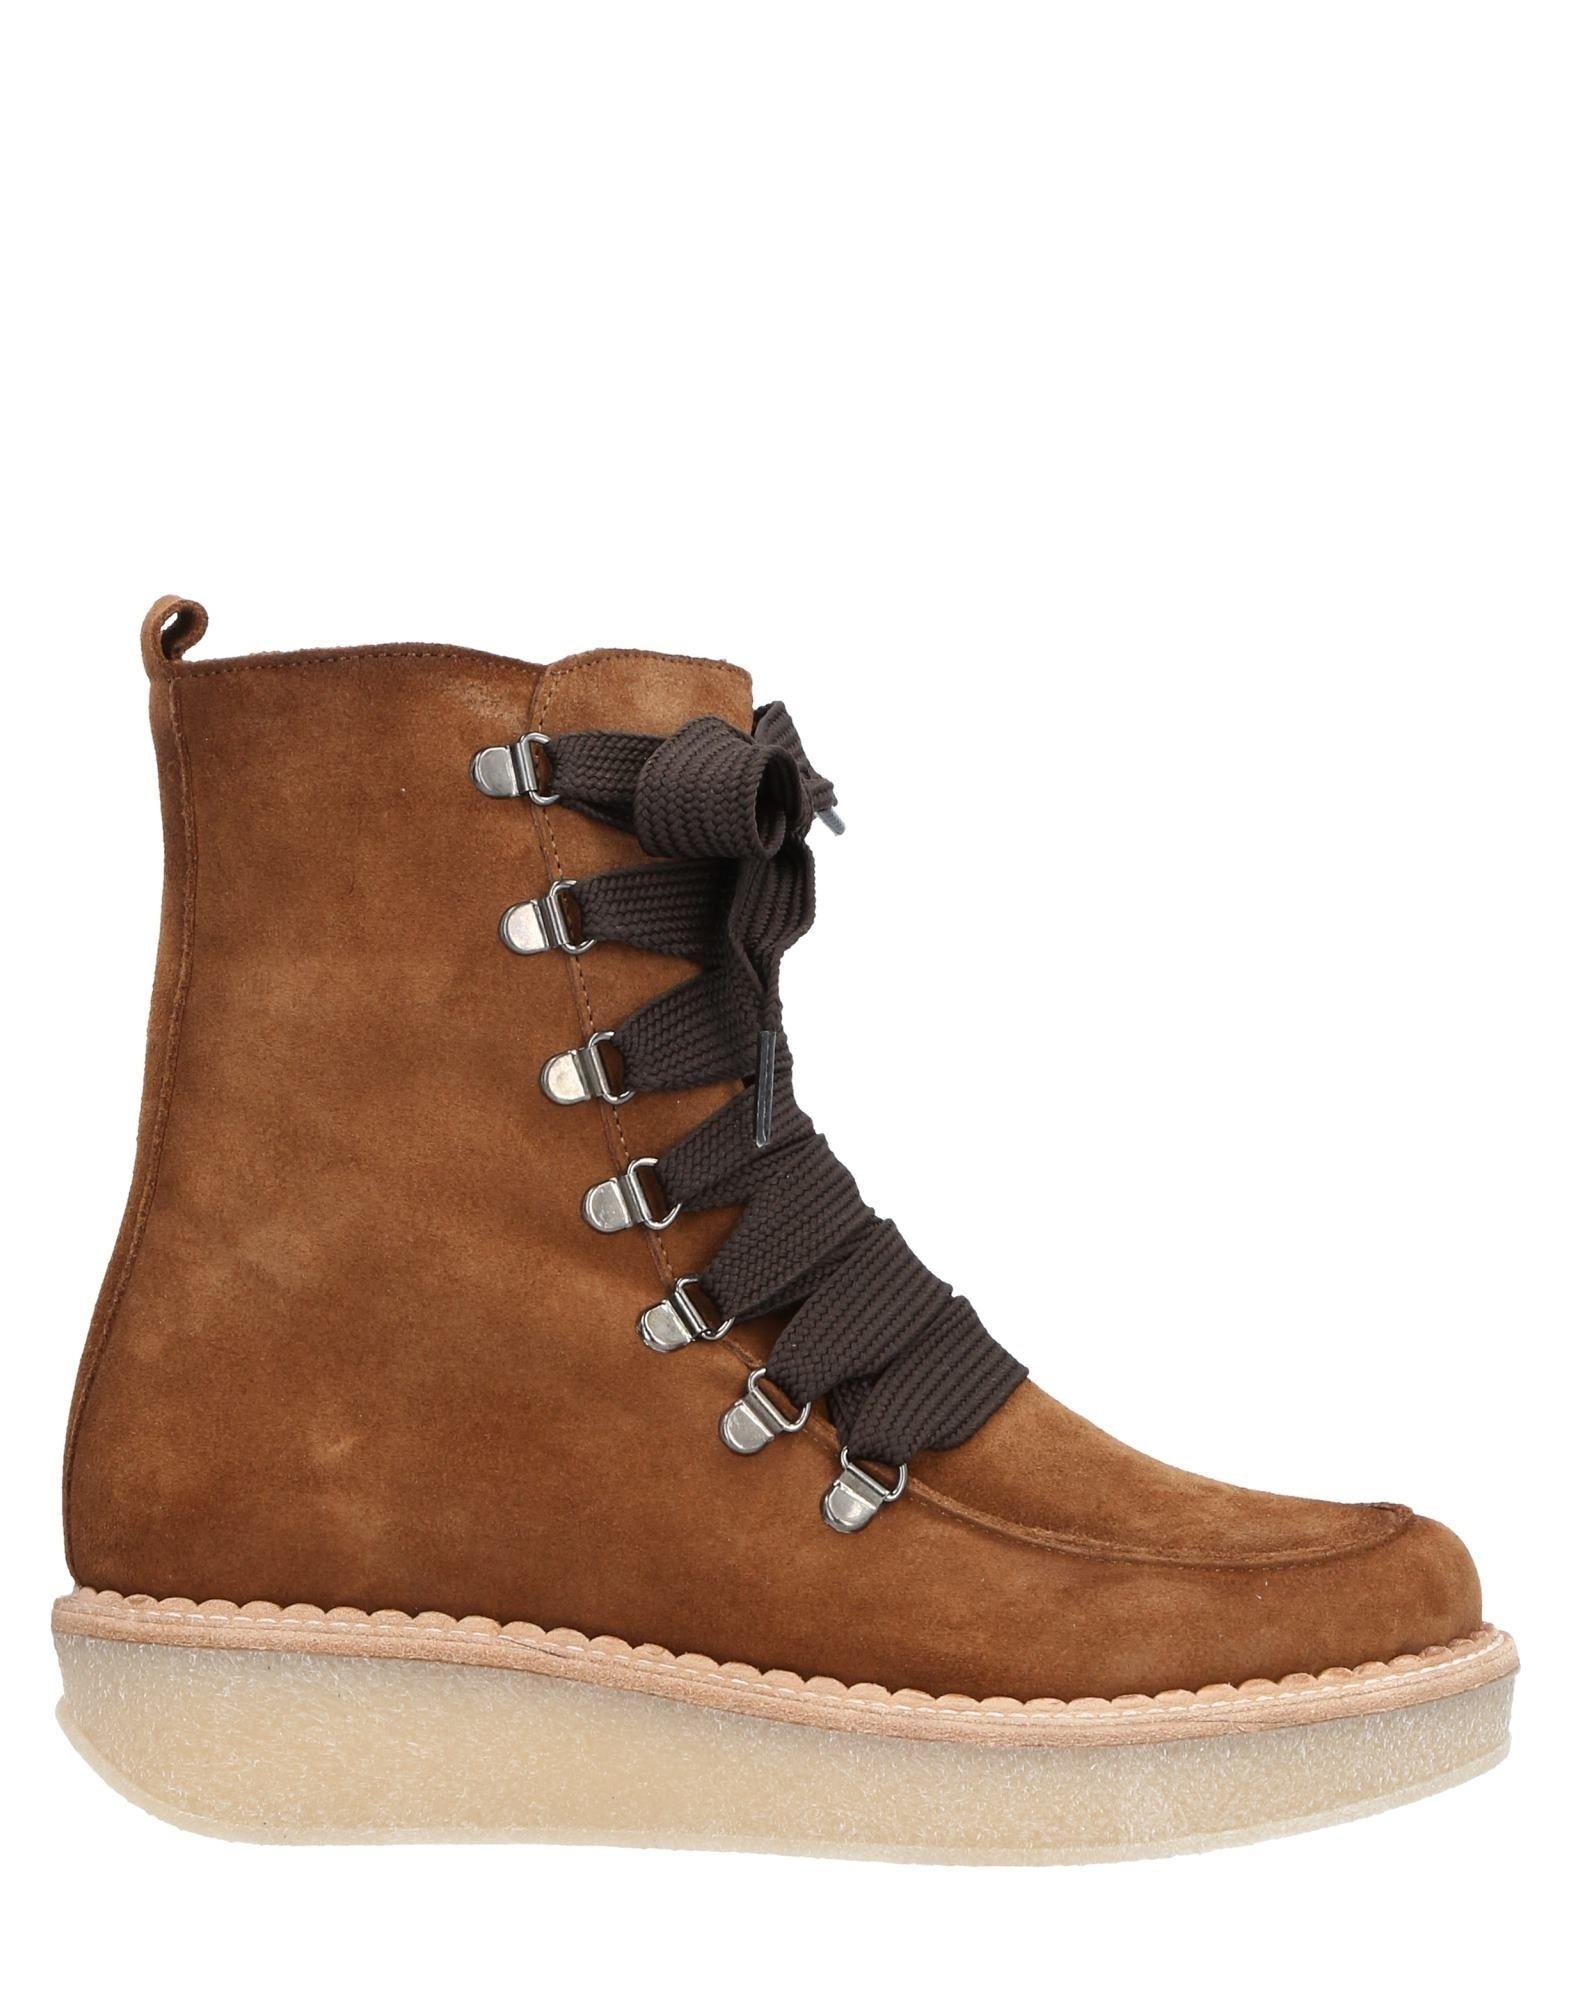 Toni Pons Stiefelette Damen  11517272HR Gute Qualität beliebte Schuhe